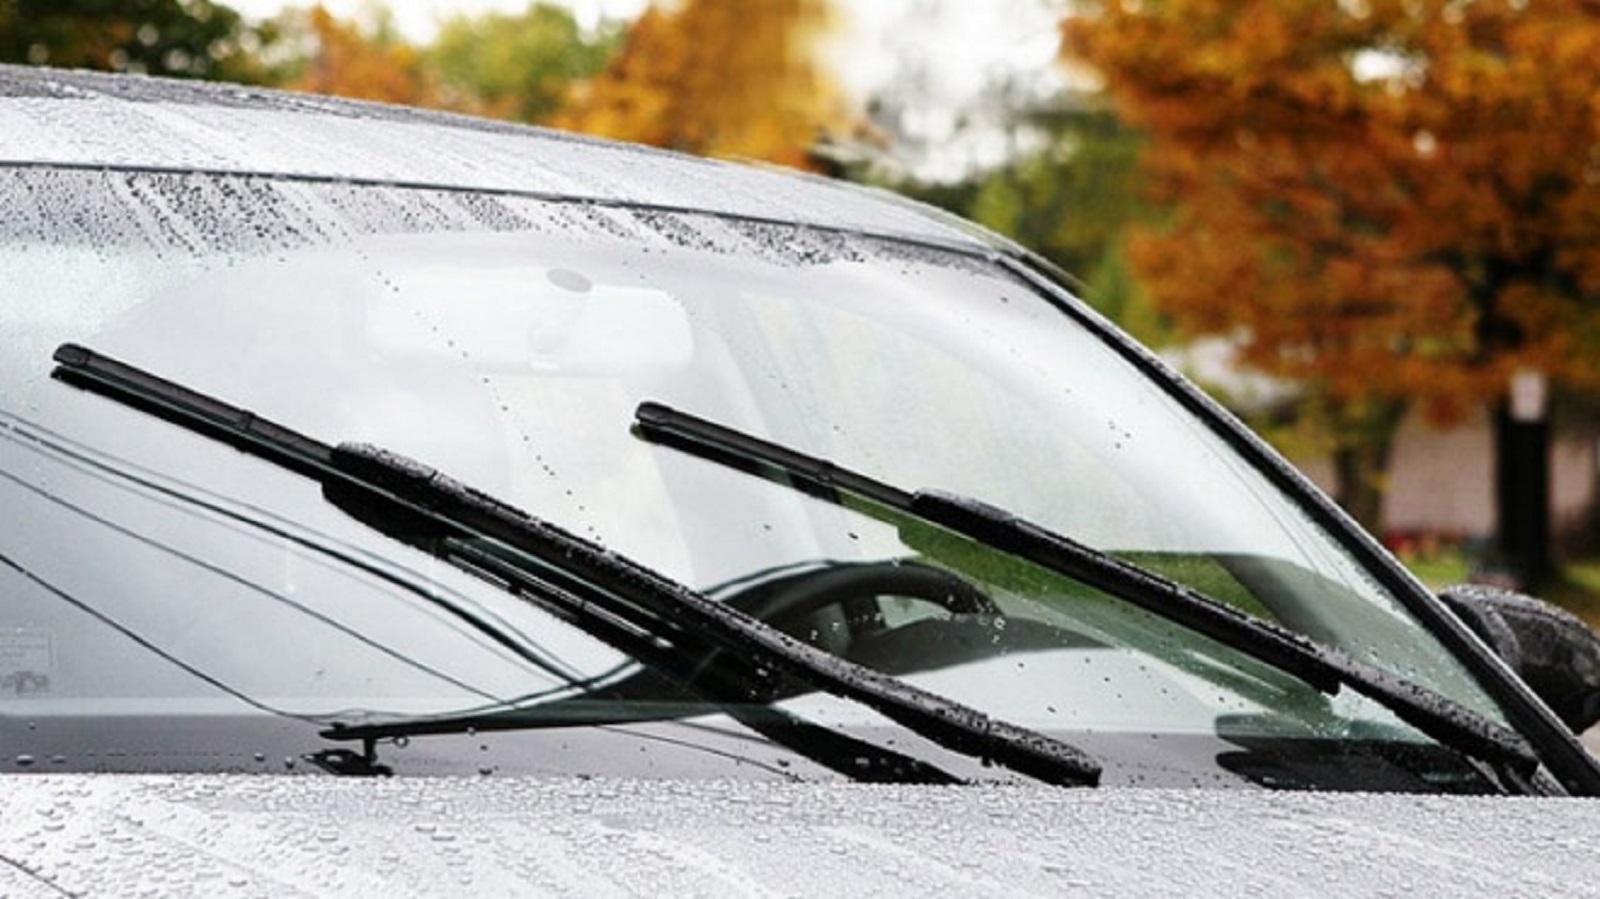 Điểm mặt 5 bộ phận dễ hỏng nhất trên xe ô tô, các tài xế không được bỏ qua Ảnh 2